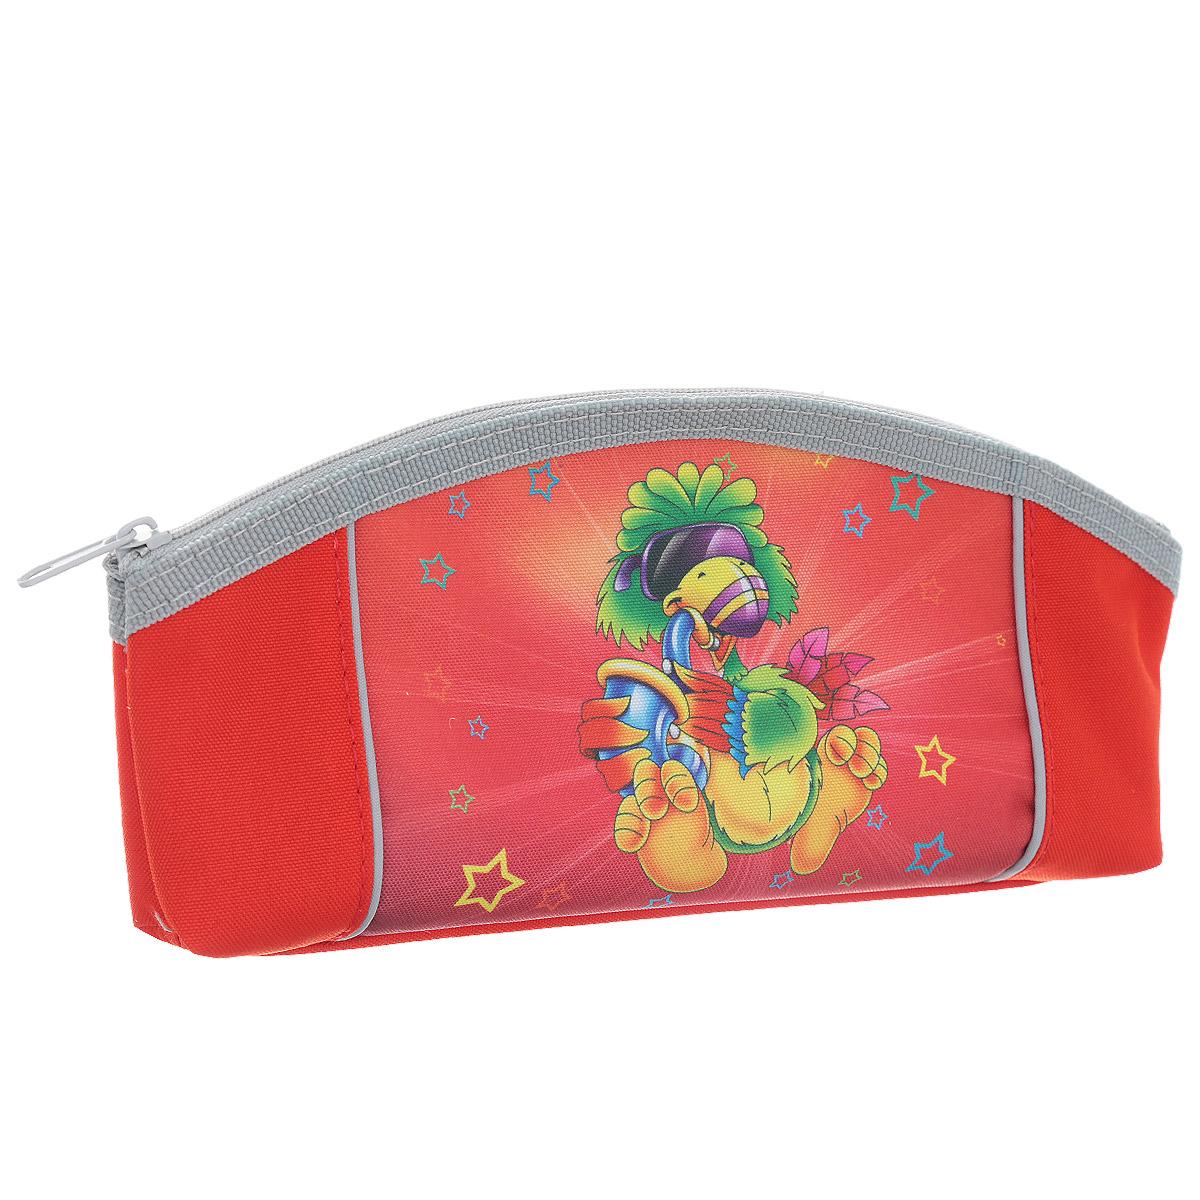 Пенал Tiger Enterprise Joyful Birdie, цвет: красныйDV-APC2200/2Пенал Tiger Family Joyful Birdie станет не только практичным, но и стильным школьным аксессуаром для любого малыша. Пенал выполнен из полиэстера и закрывается на застежку-молнию. Состоит из одного вместительного отделения, в котором без труда поместятся канцелярские принадлежности. Пенал оформлен красочным изображением забавной птички. Такой пенал станет незаменимым помощником для школьника, с ним ручки и карандаши всегда будут под рукой и больше не потеряются.